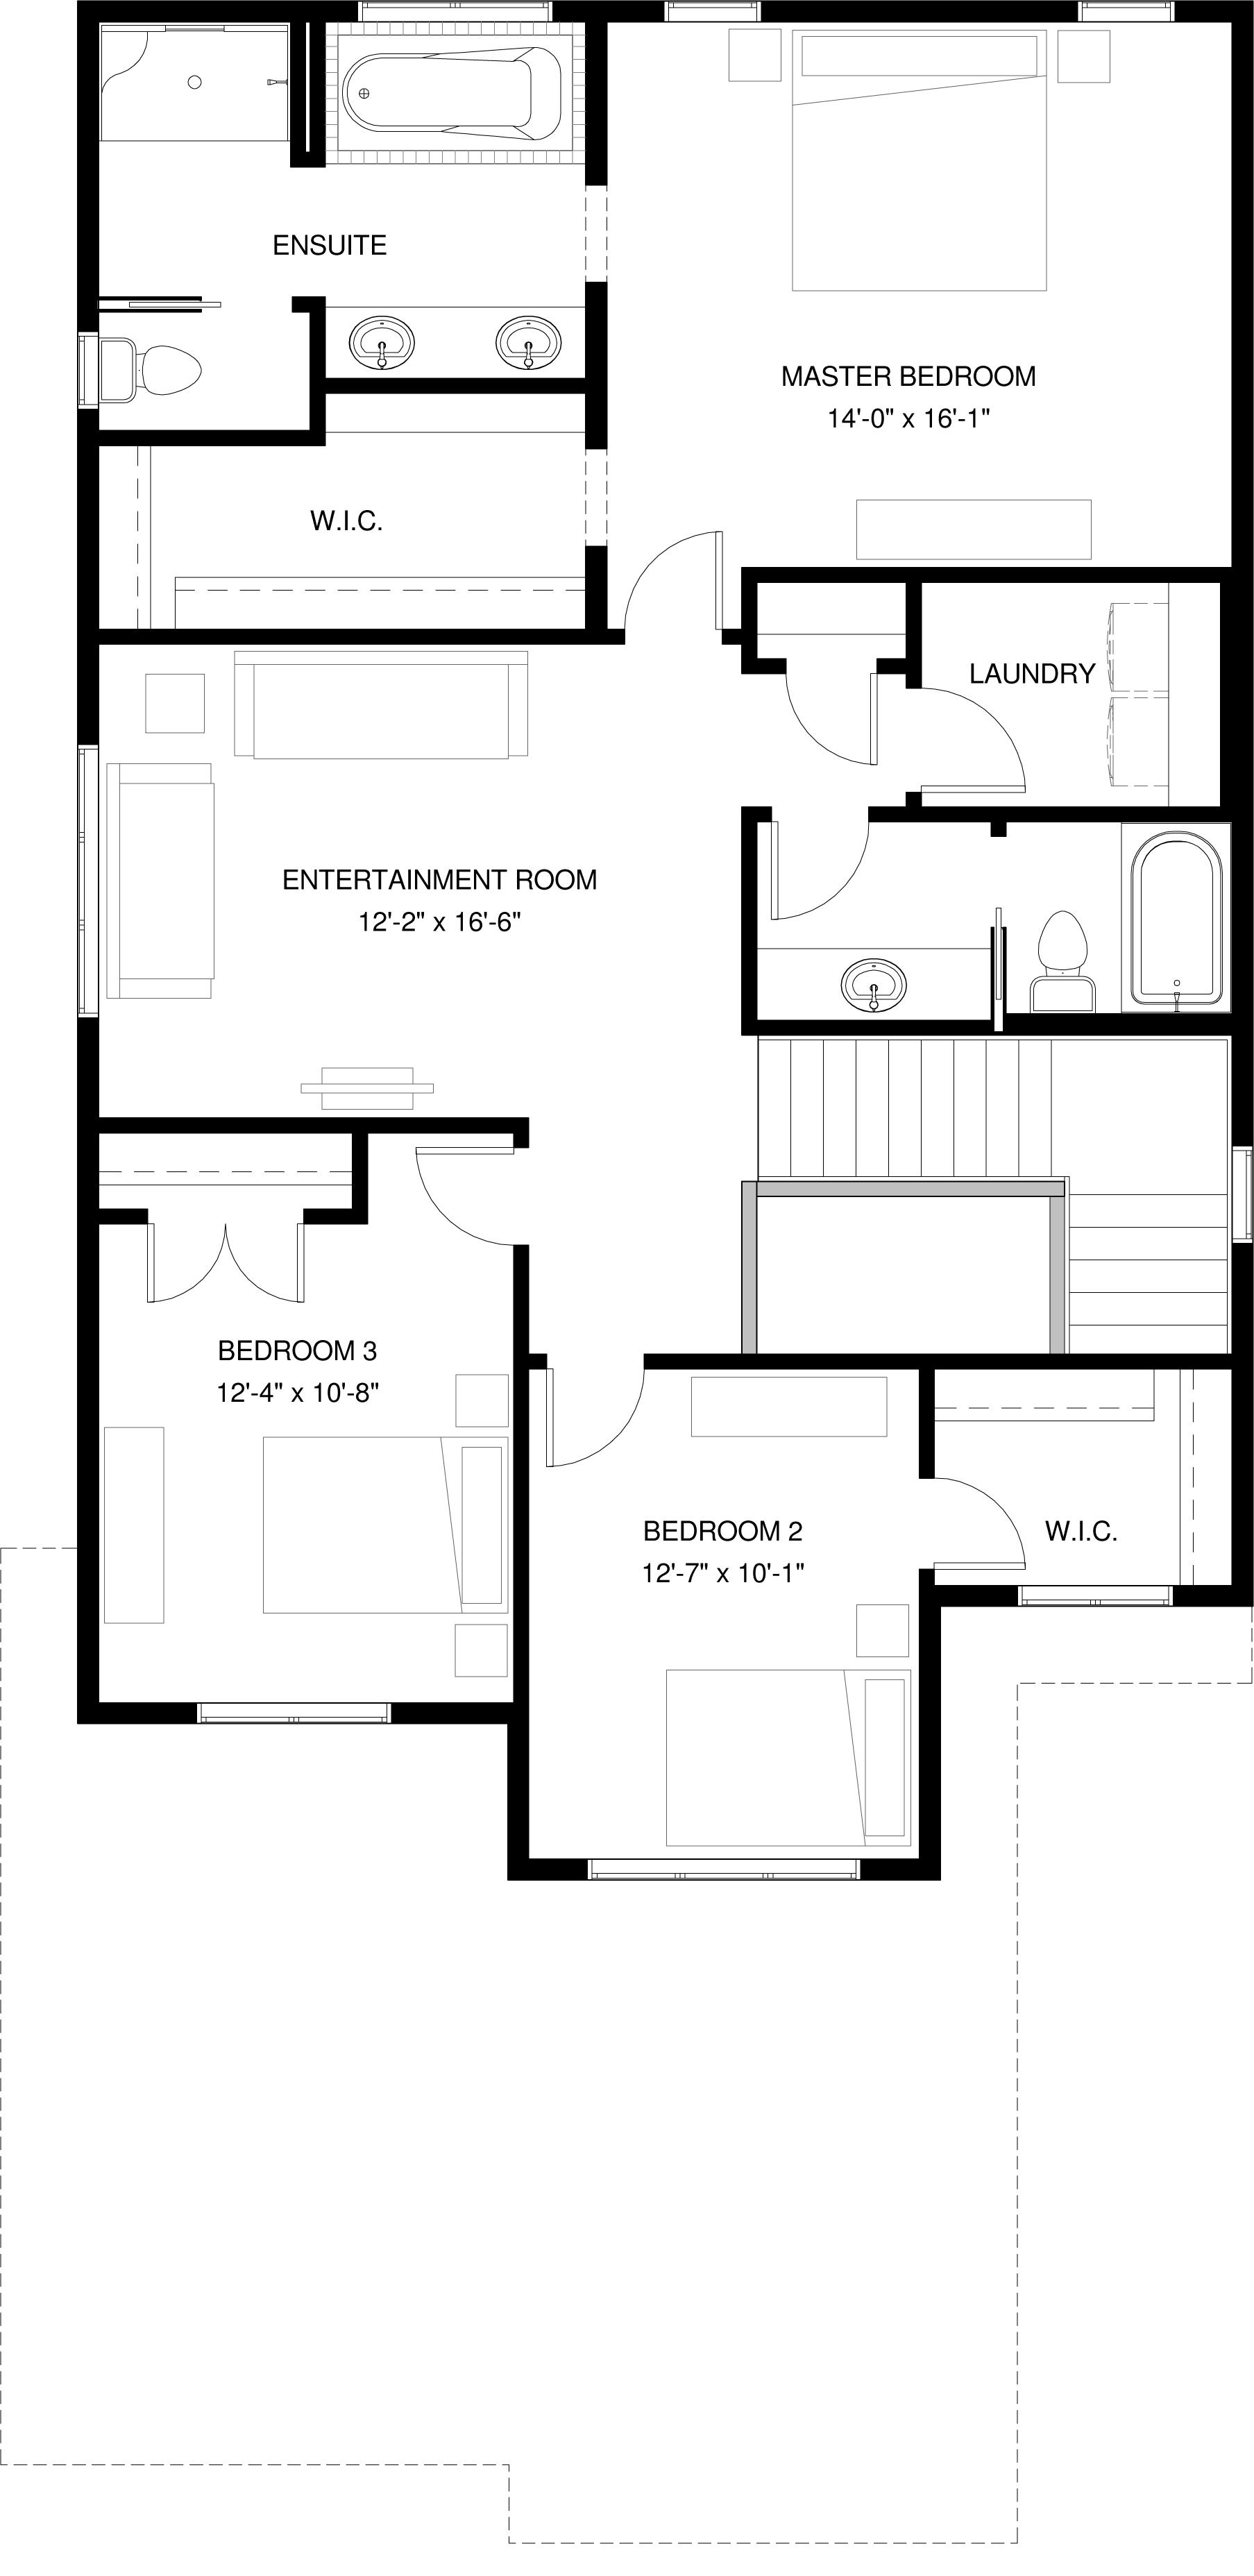 Upper Floor   1309 sq ft